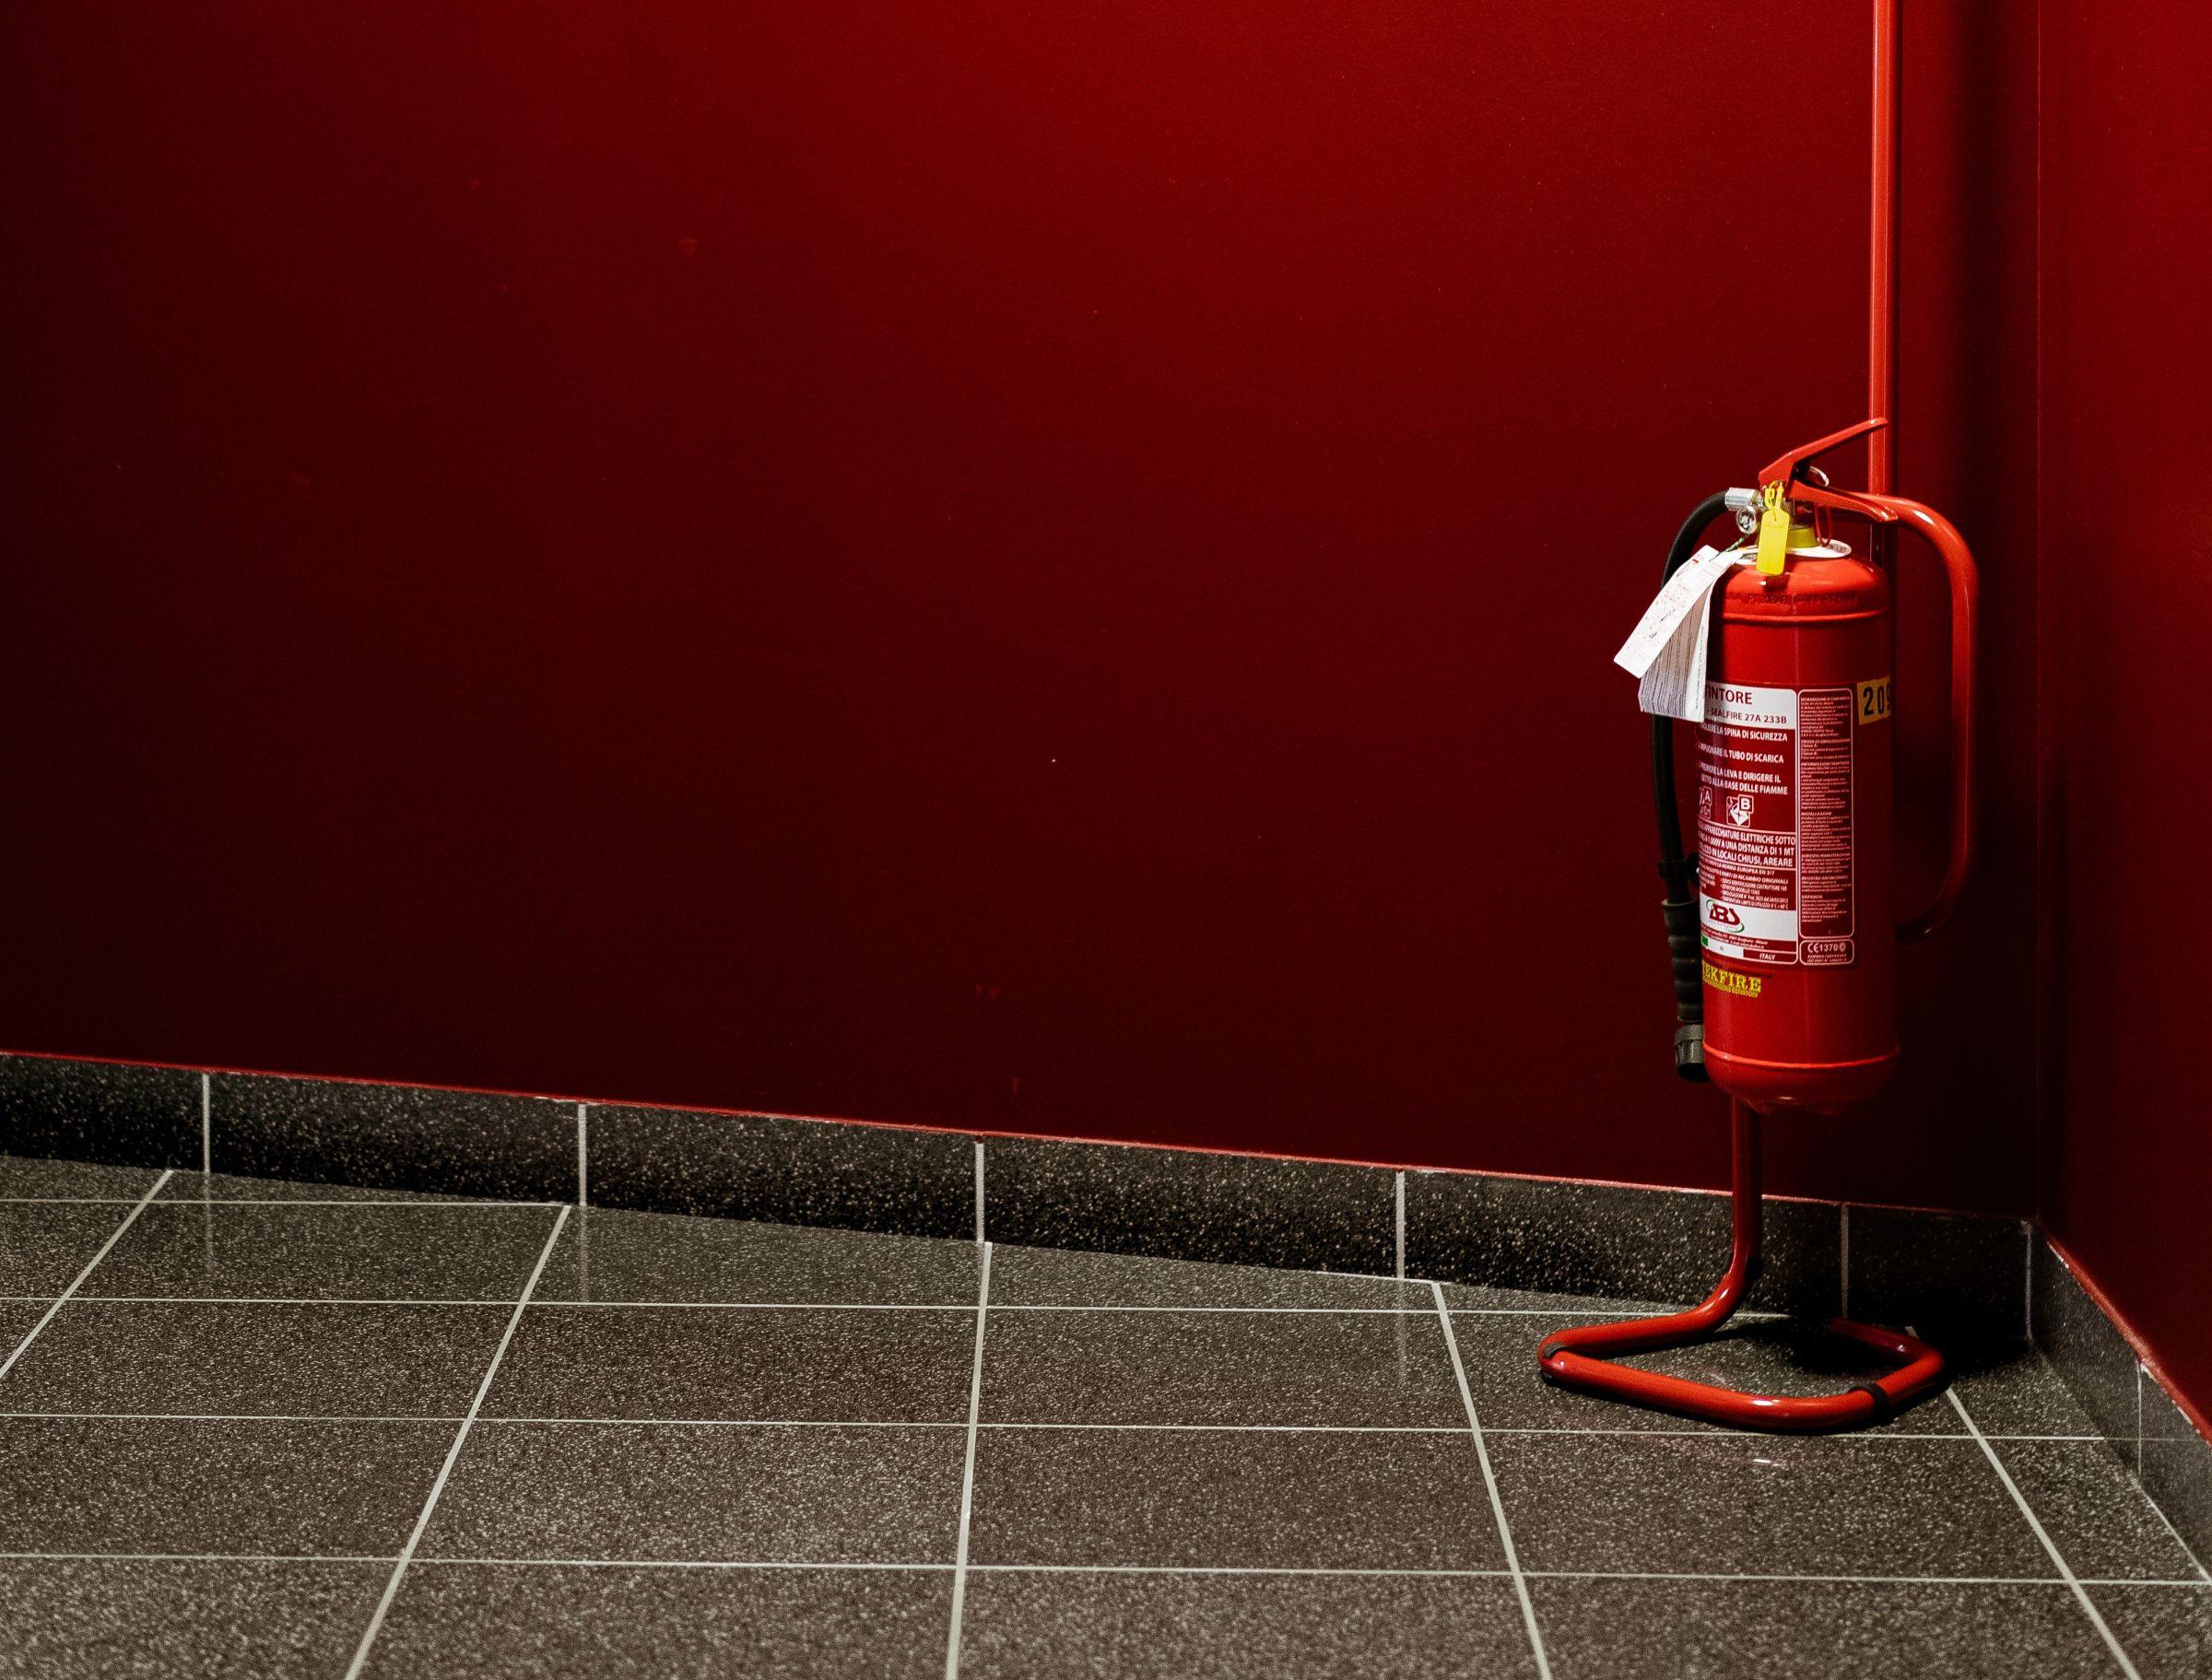 Feuerlöscher vor einer roten Wand